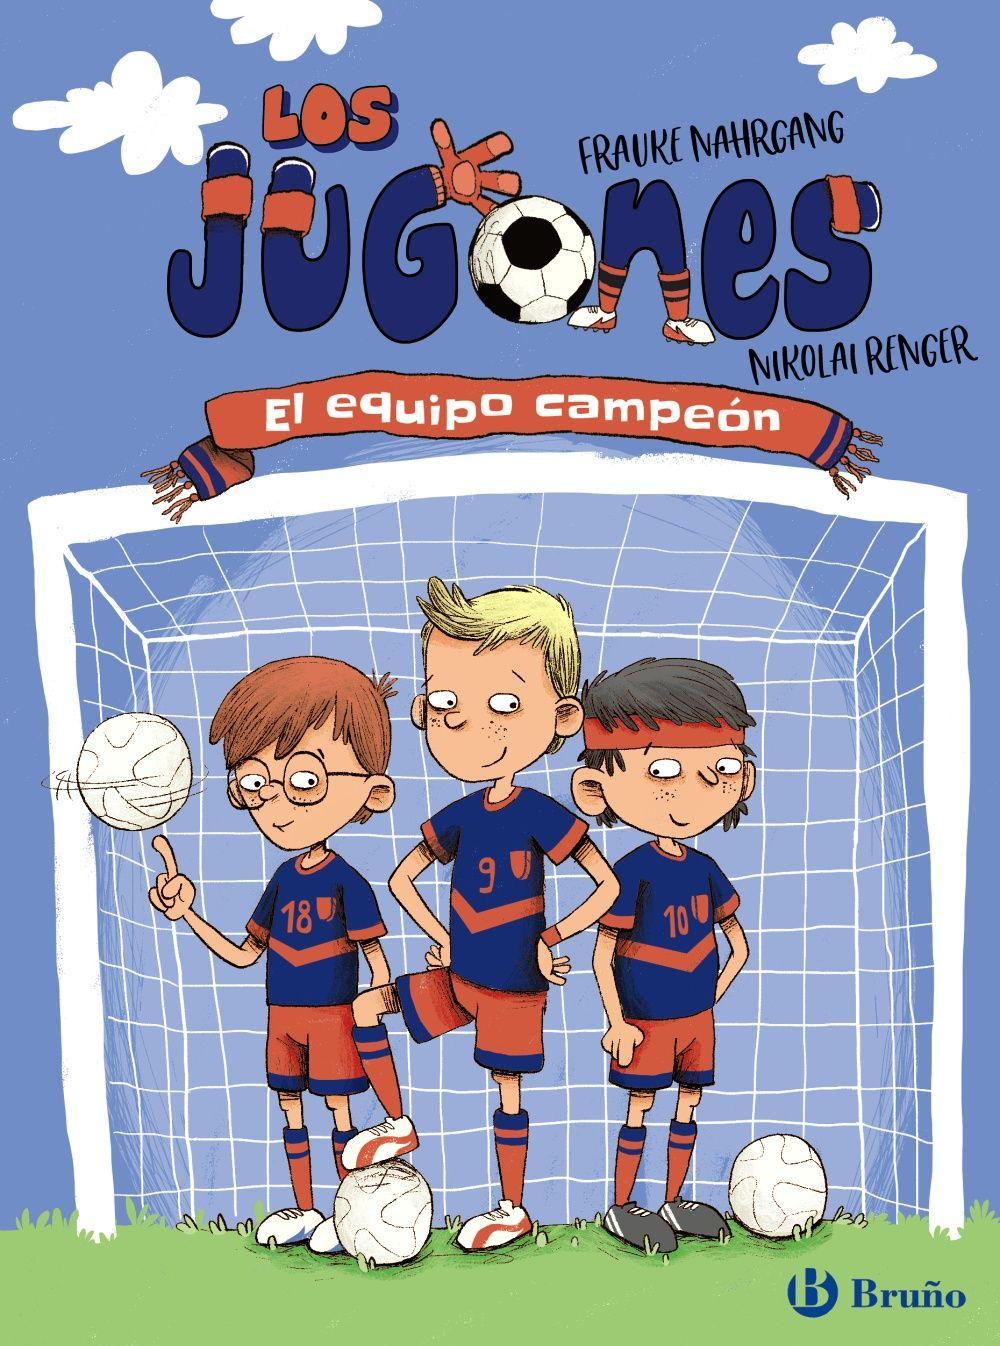 JUGONES 1 EQUIPO CAMPEON